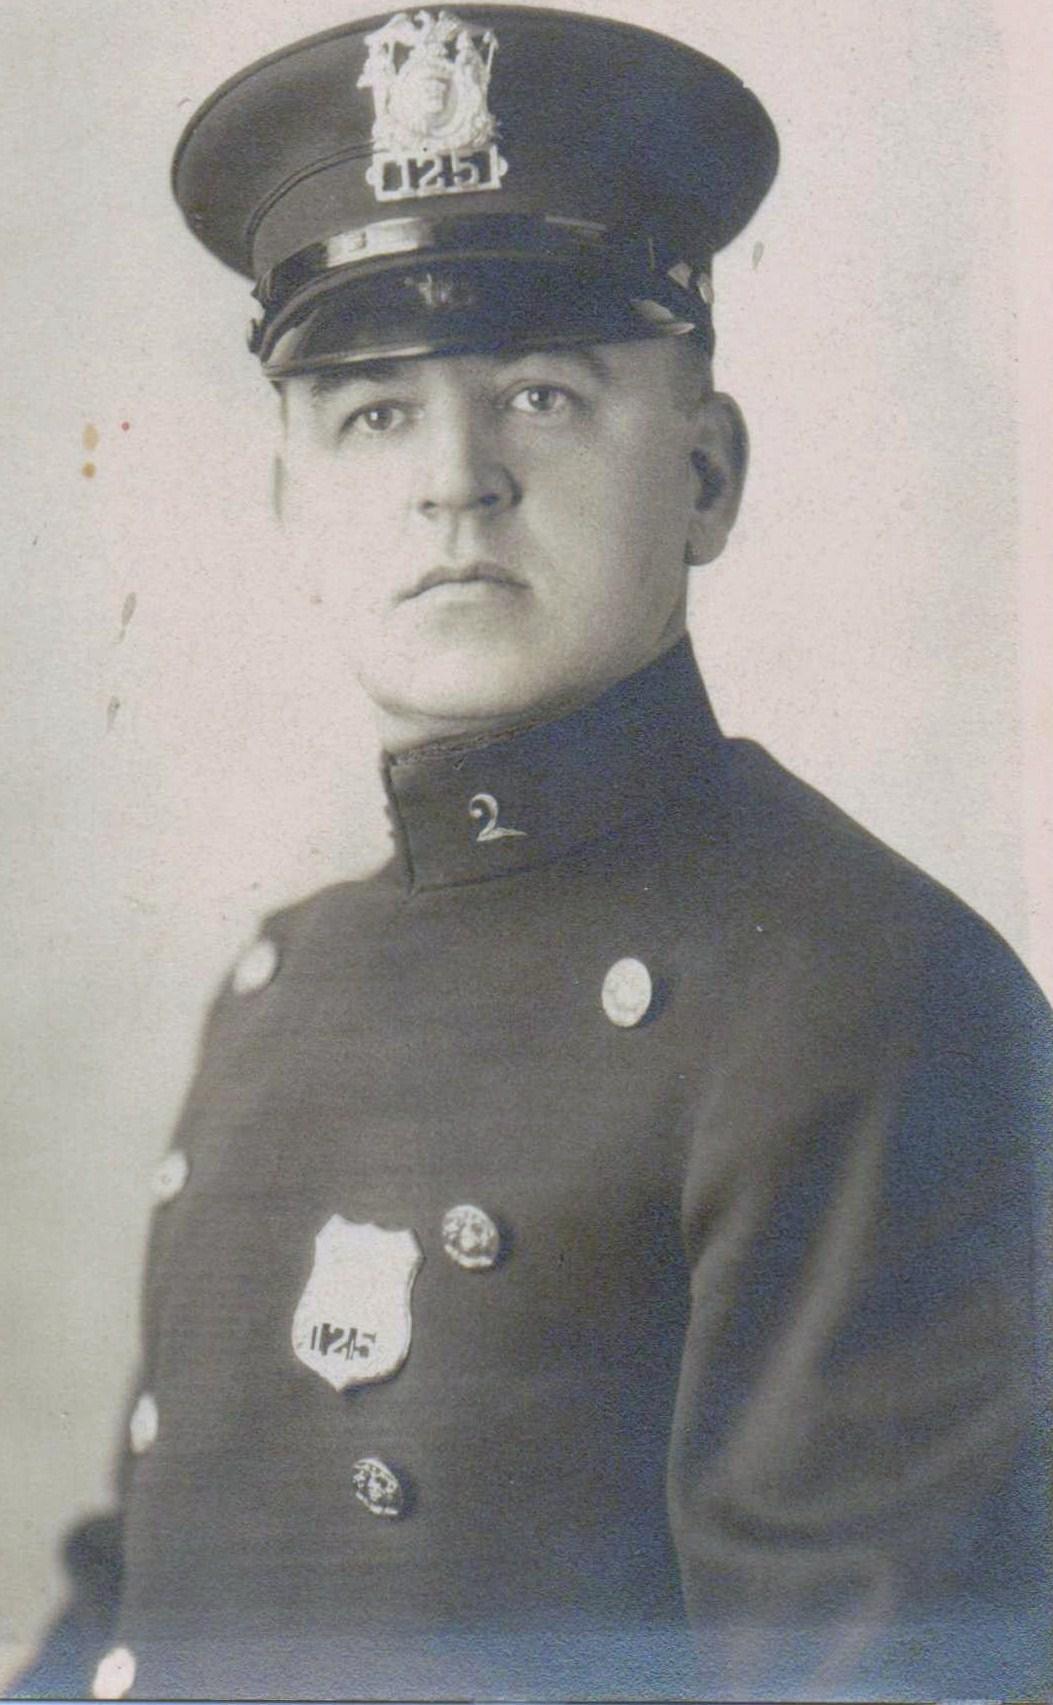 Patrolman Frank A. Quinlivan | Schenectady Police Department, New York